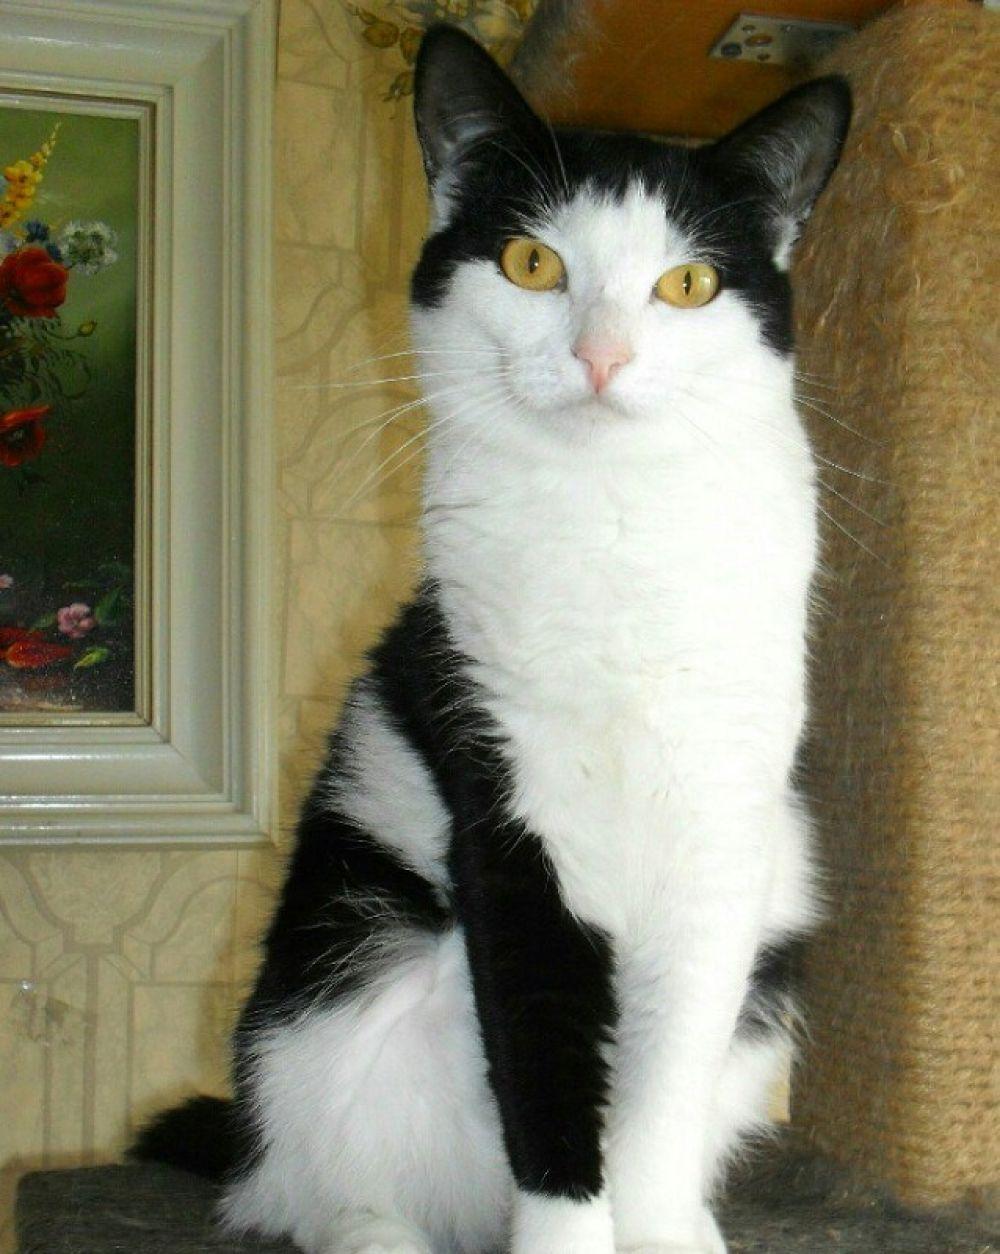 Шапочка. Полтора года, лоток знает отлично, прекрасно ладит с другими кошками.